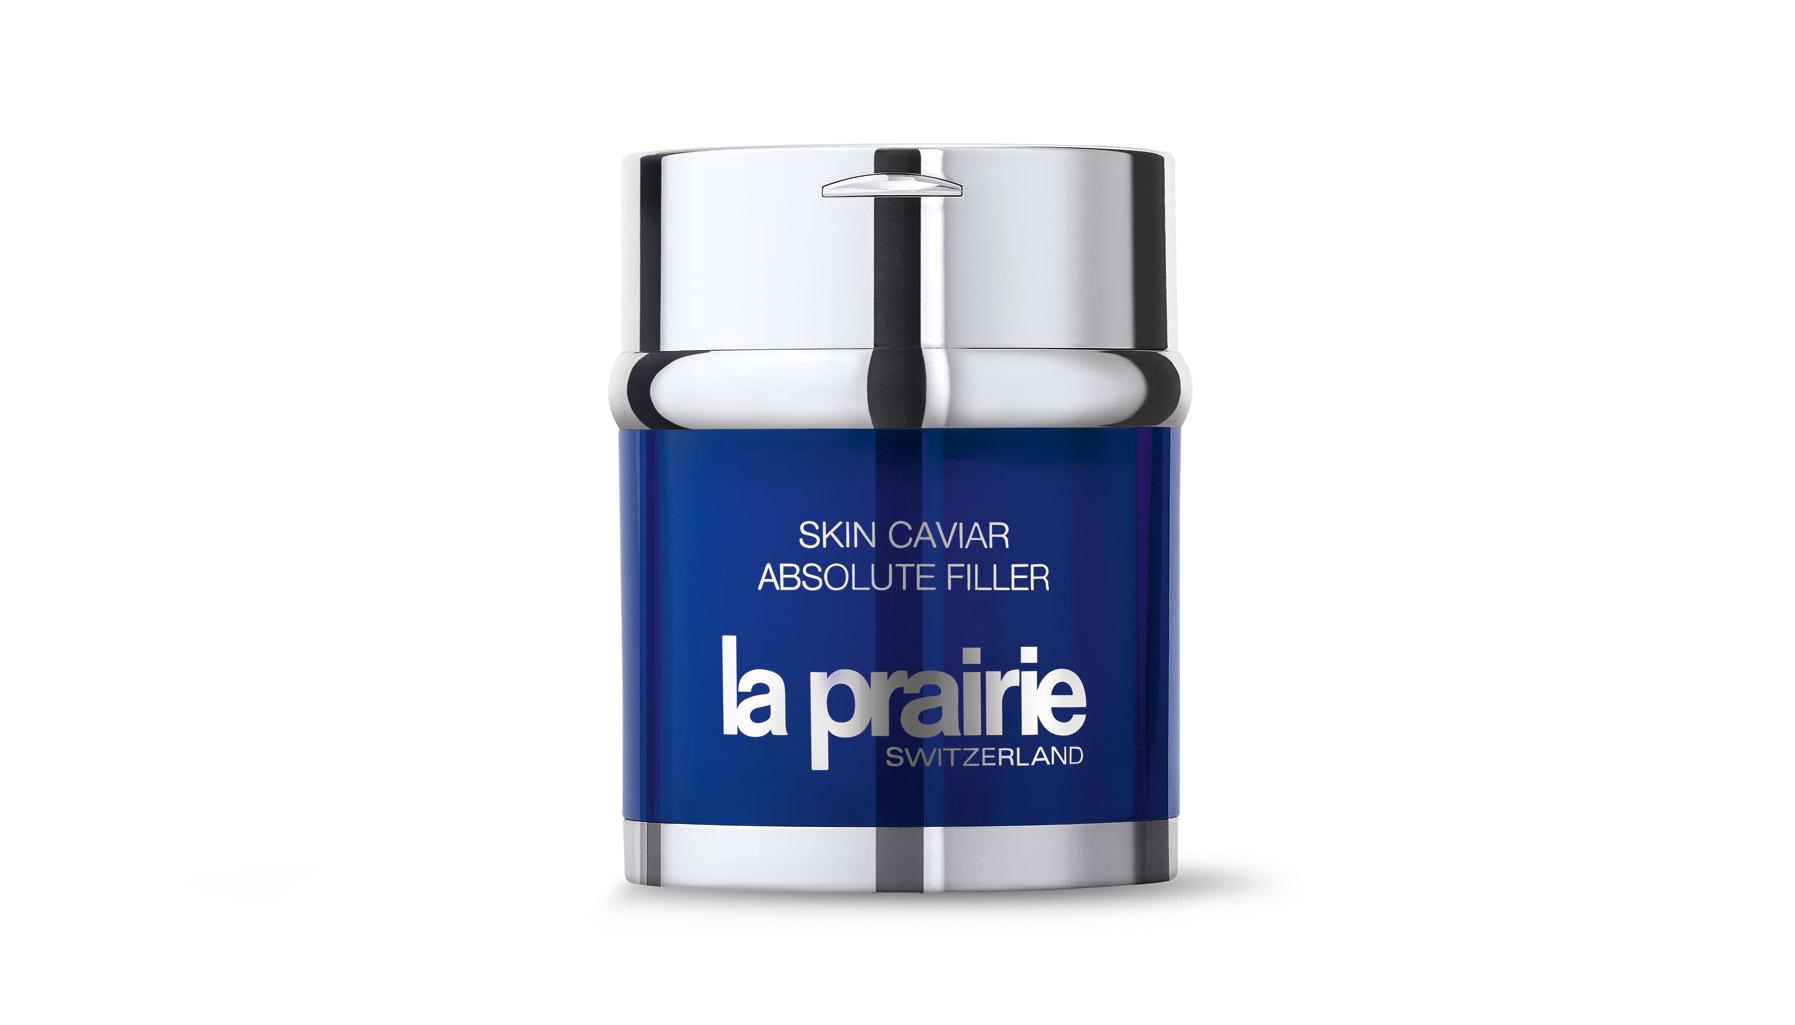 La Prairie Skin Caviar Absolute Filler.